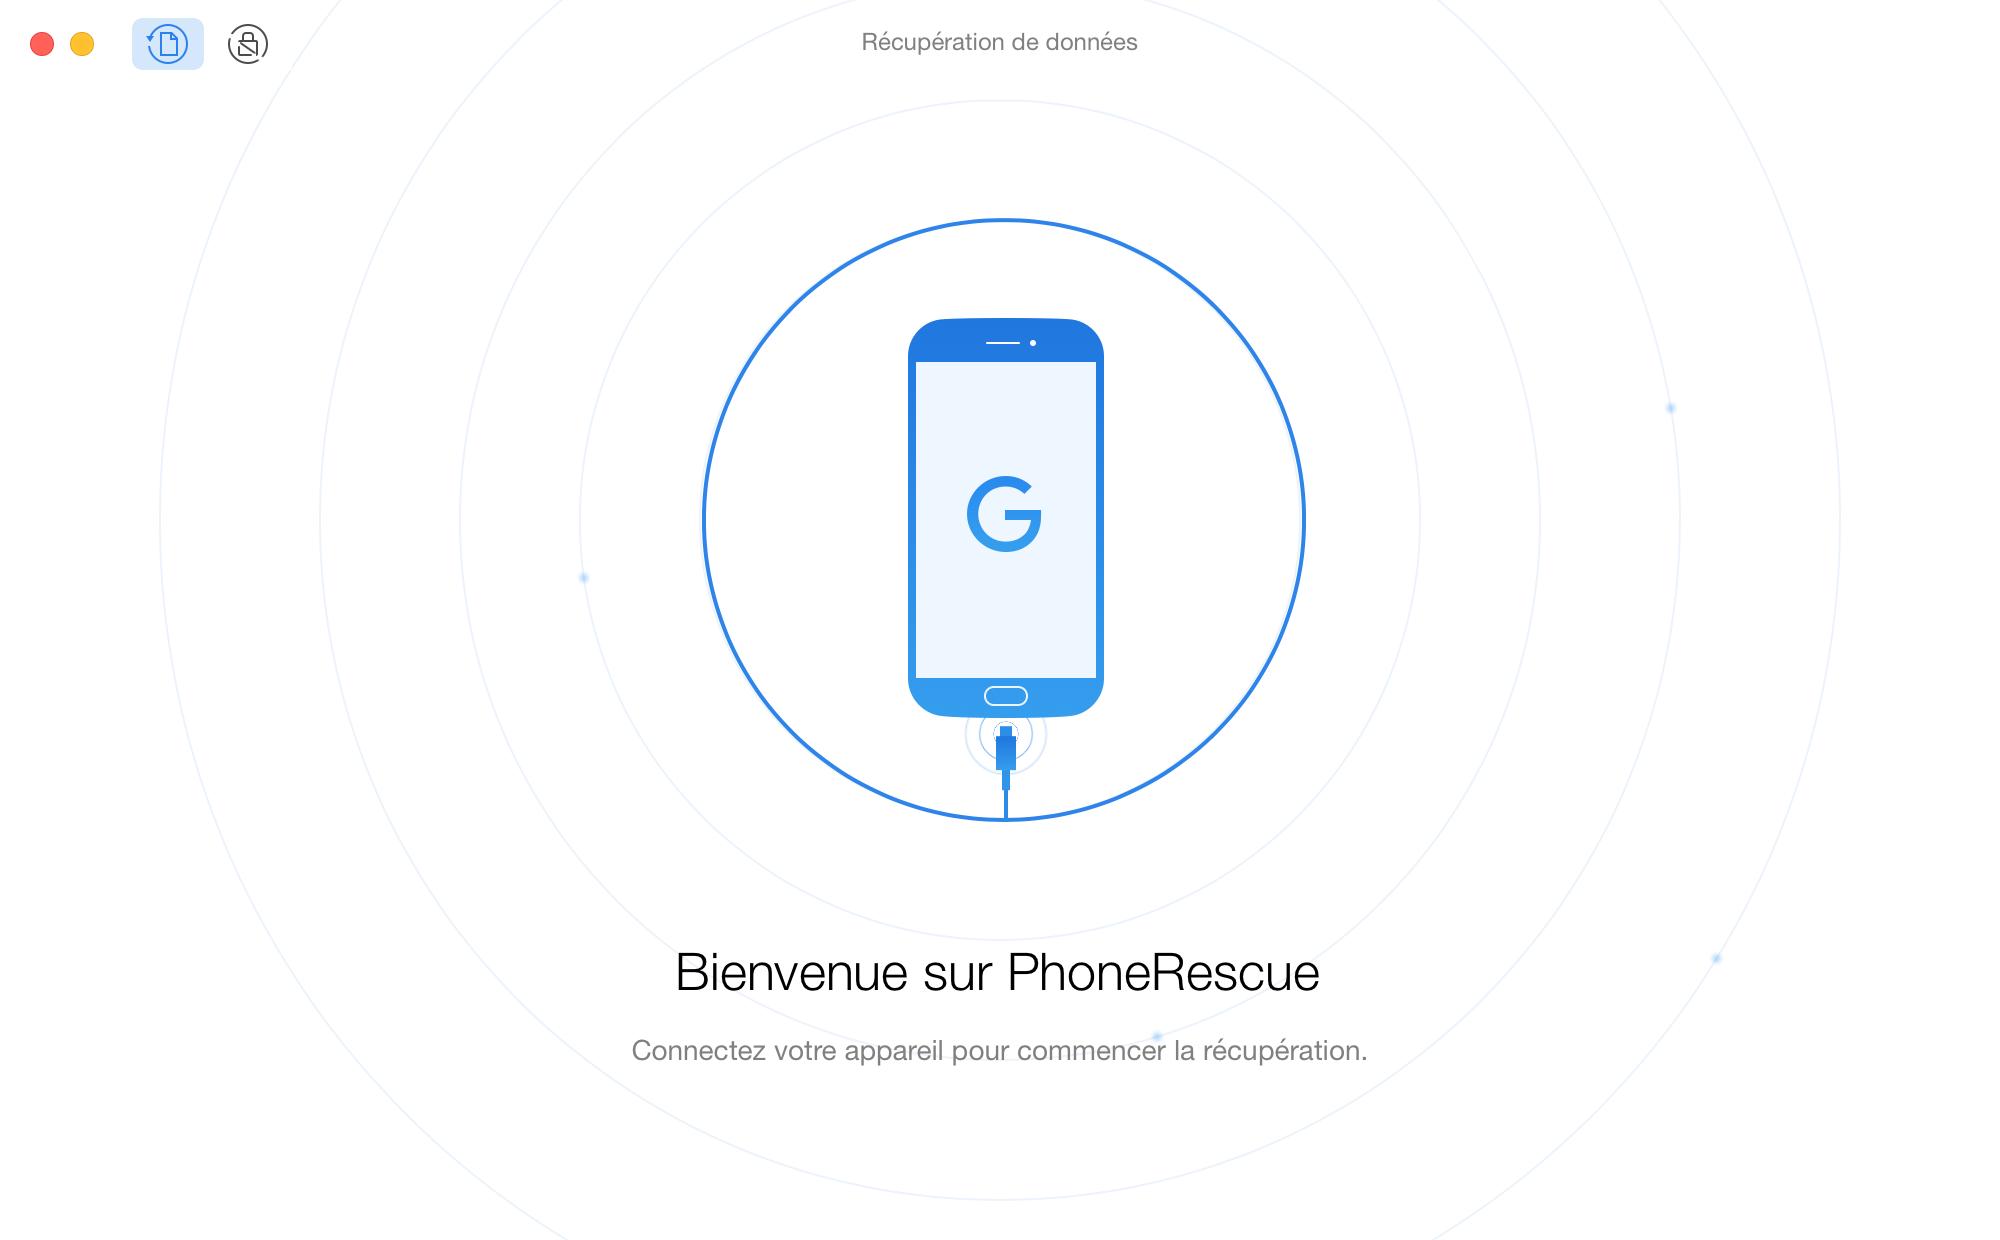 Connectez votre appareil Google